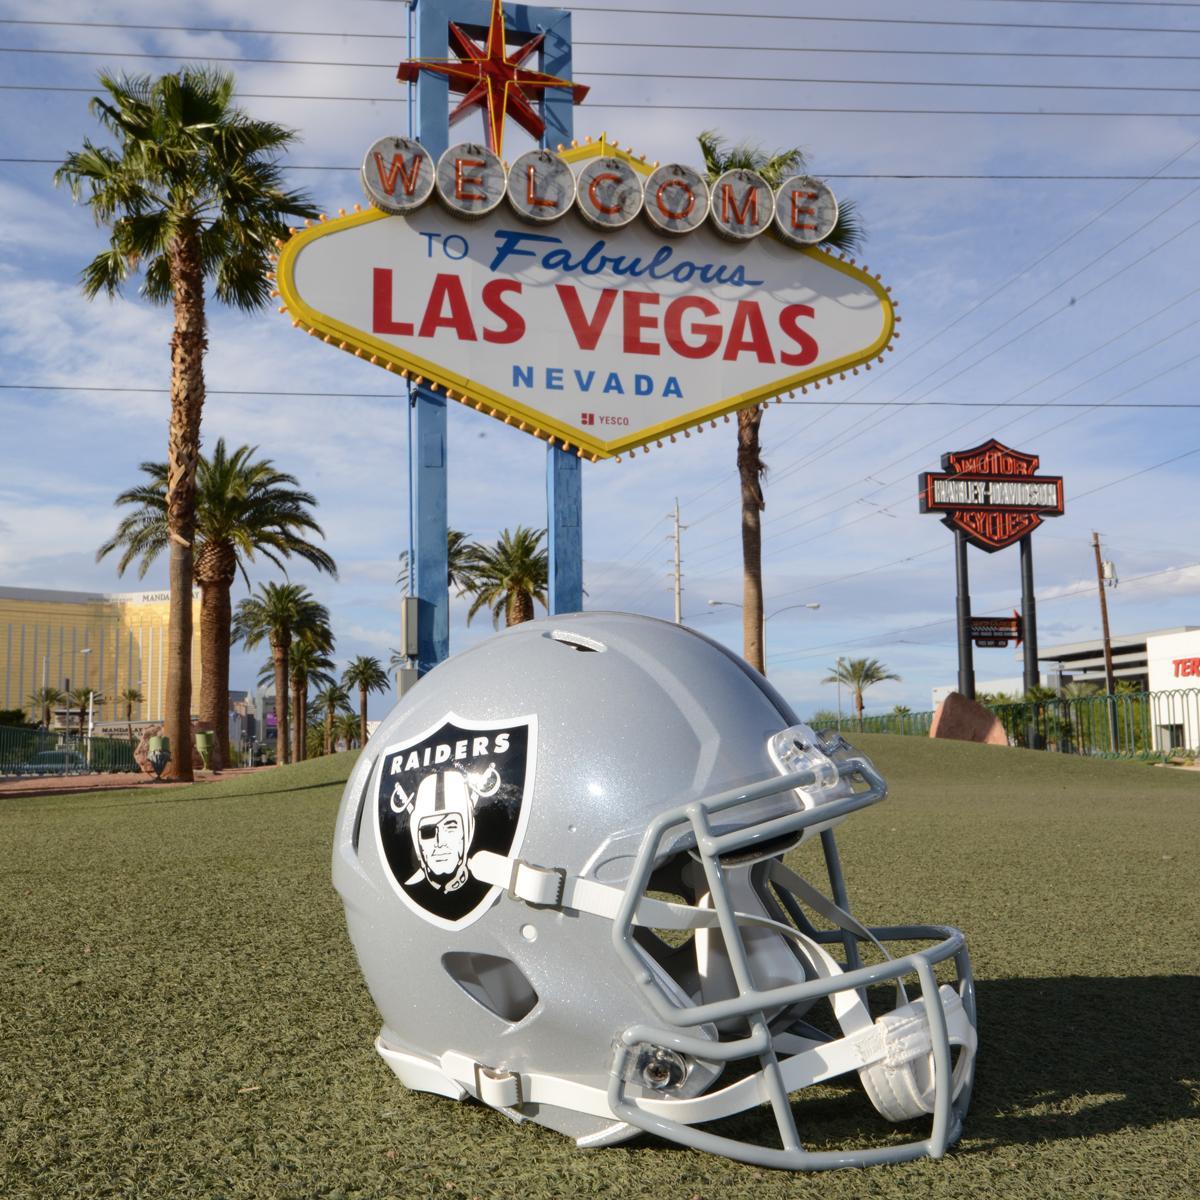 The Las Vegas Raiders. https://t.co/4wlmo0w35M